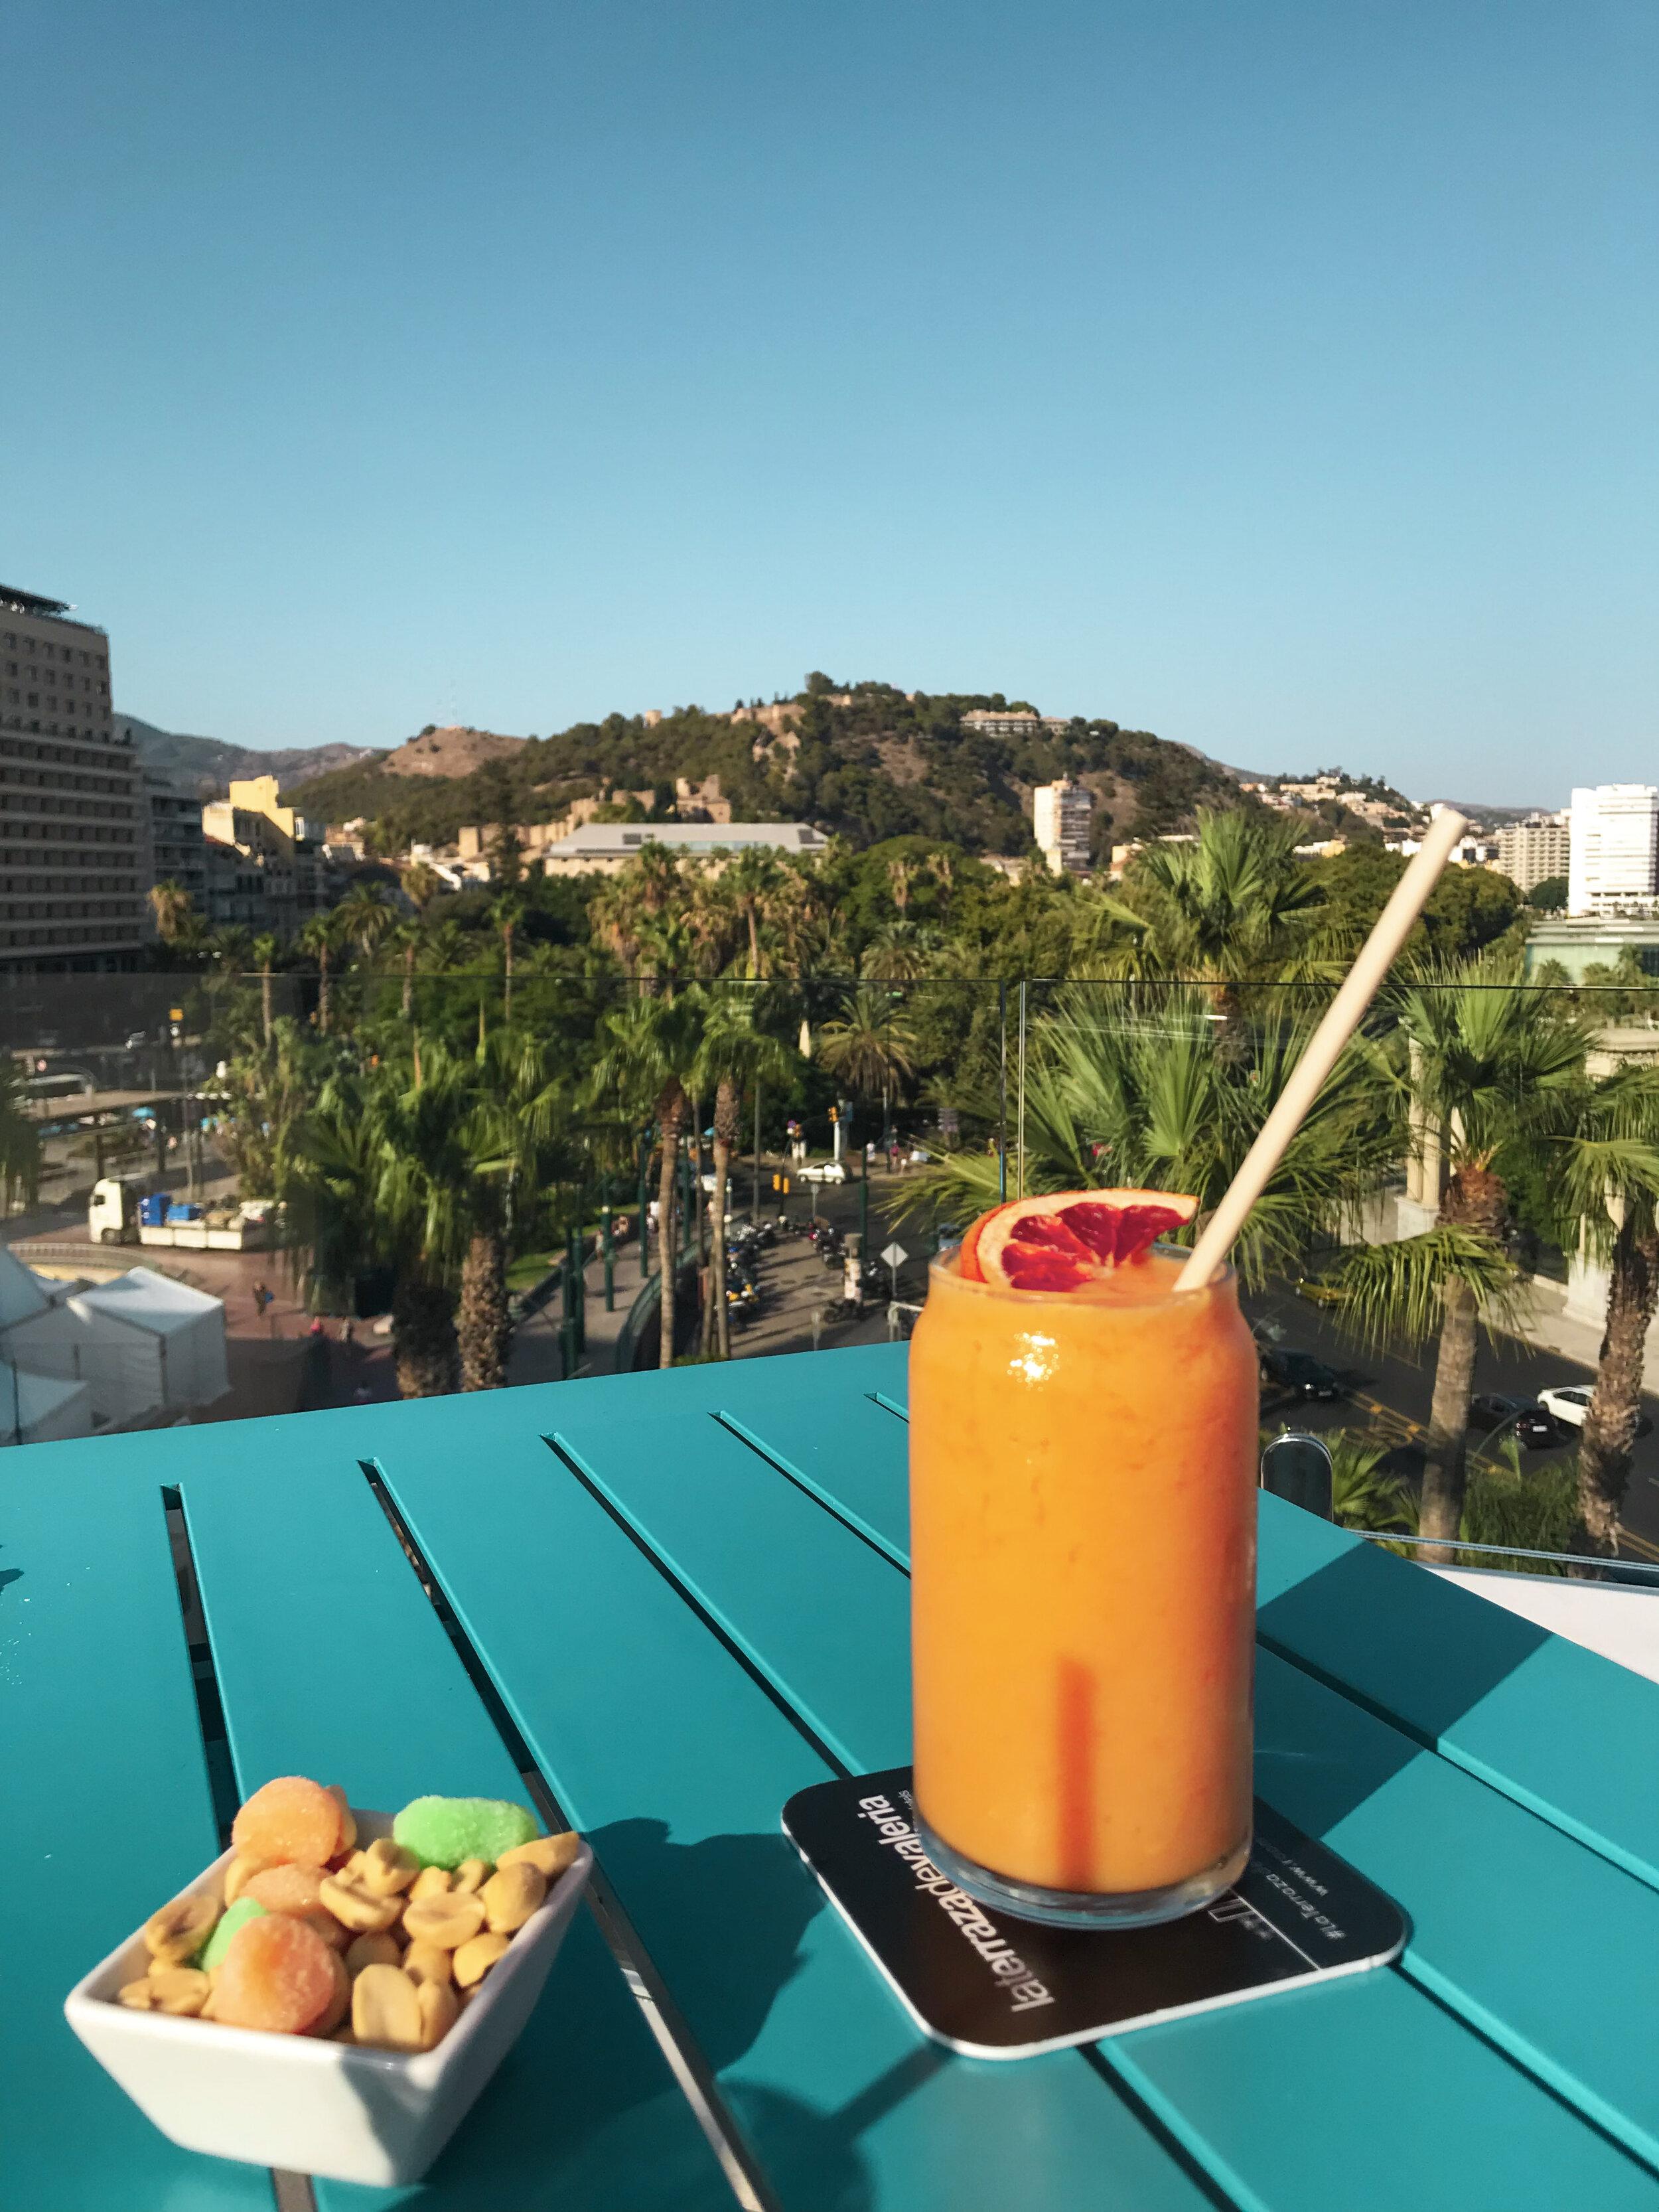 Malaga Rooftop bar